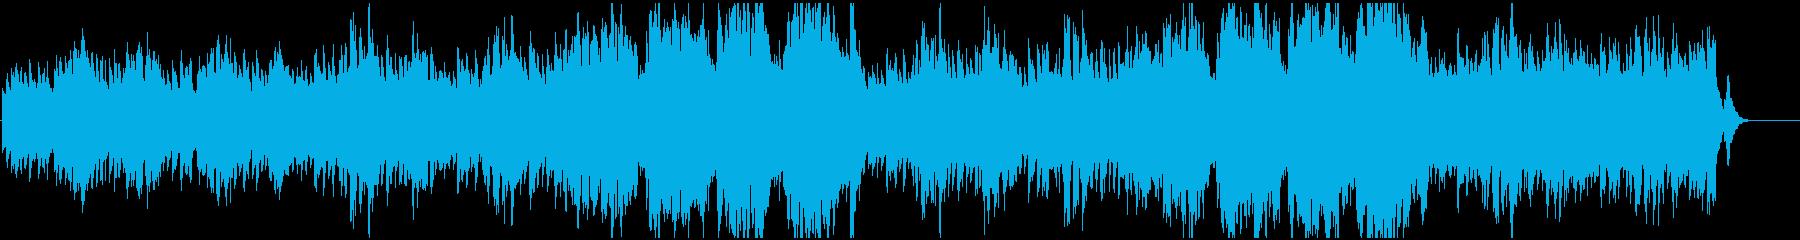 優しい夢見心地なオルゴールの曲の再生済みの波形